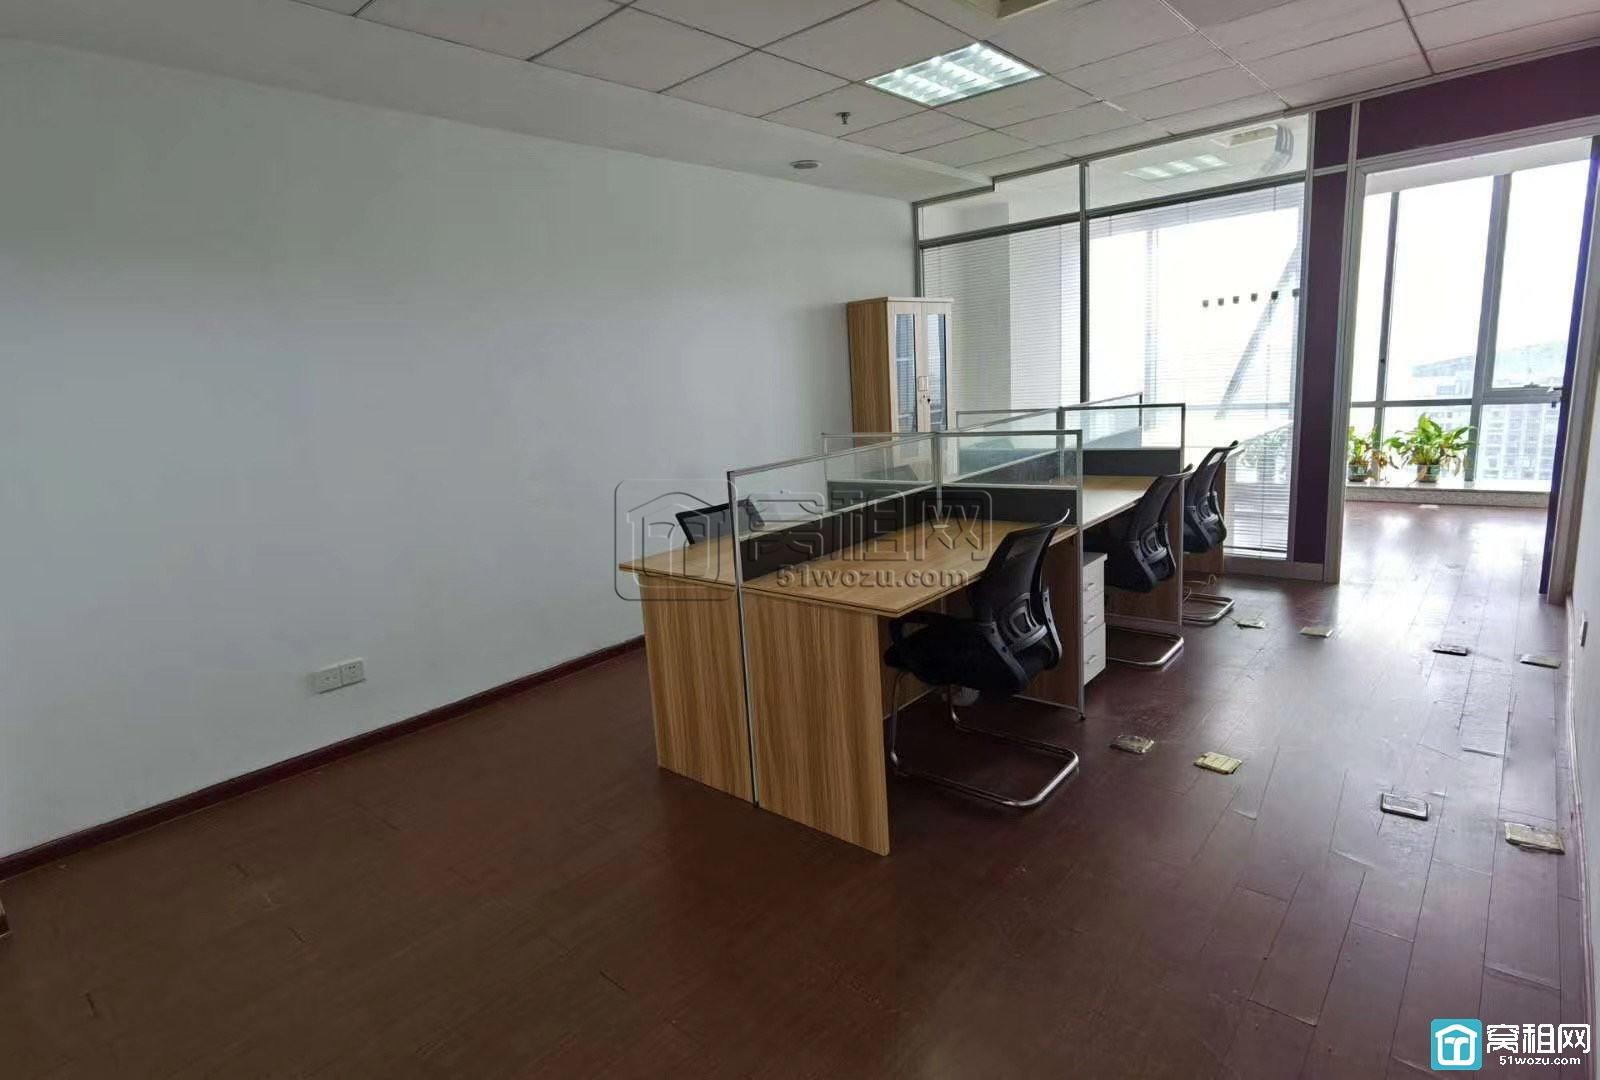 宁波鄞州商会北楼1隔间+全套家具出租